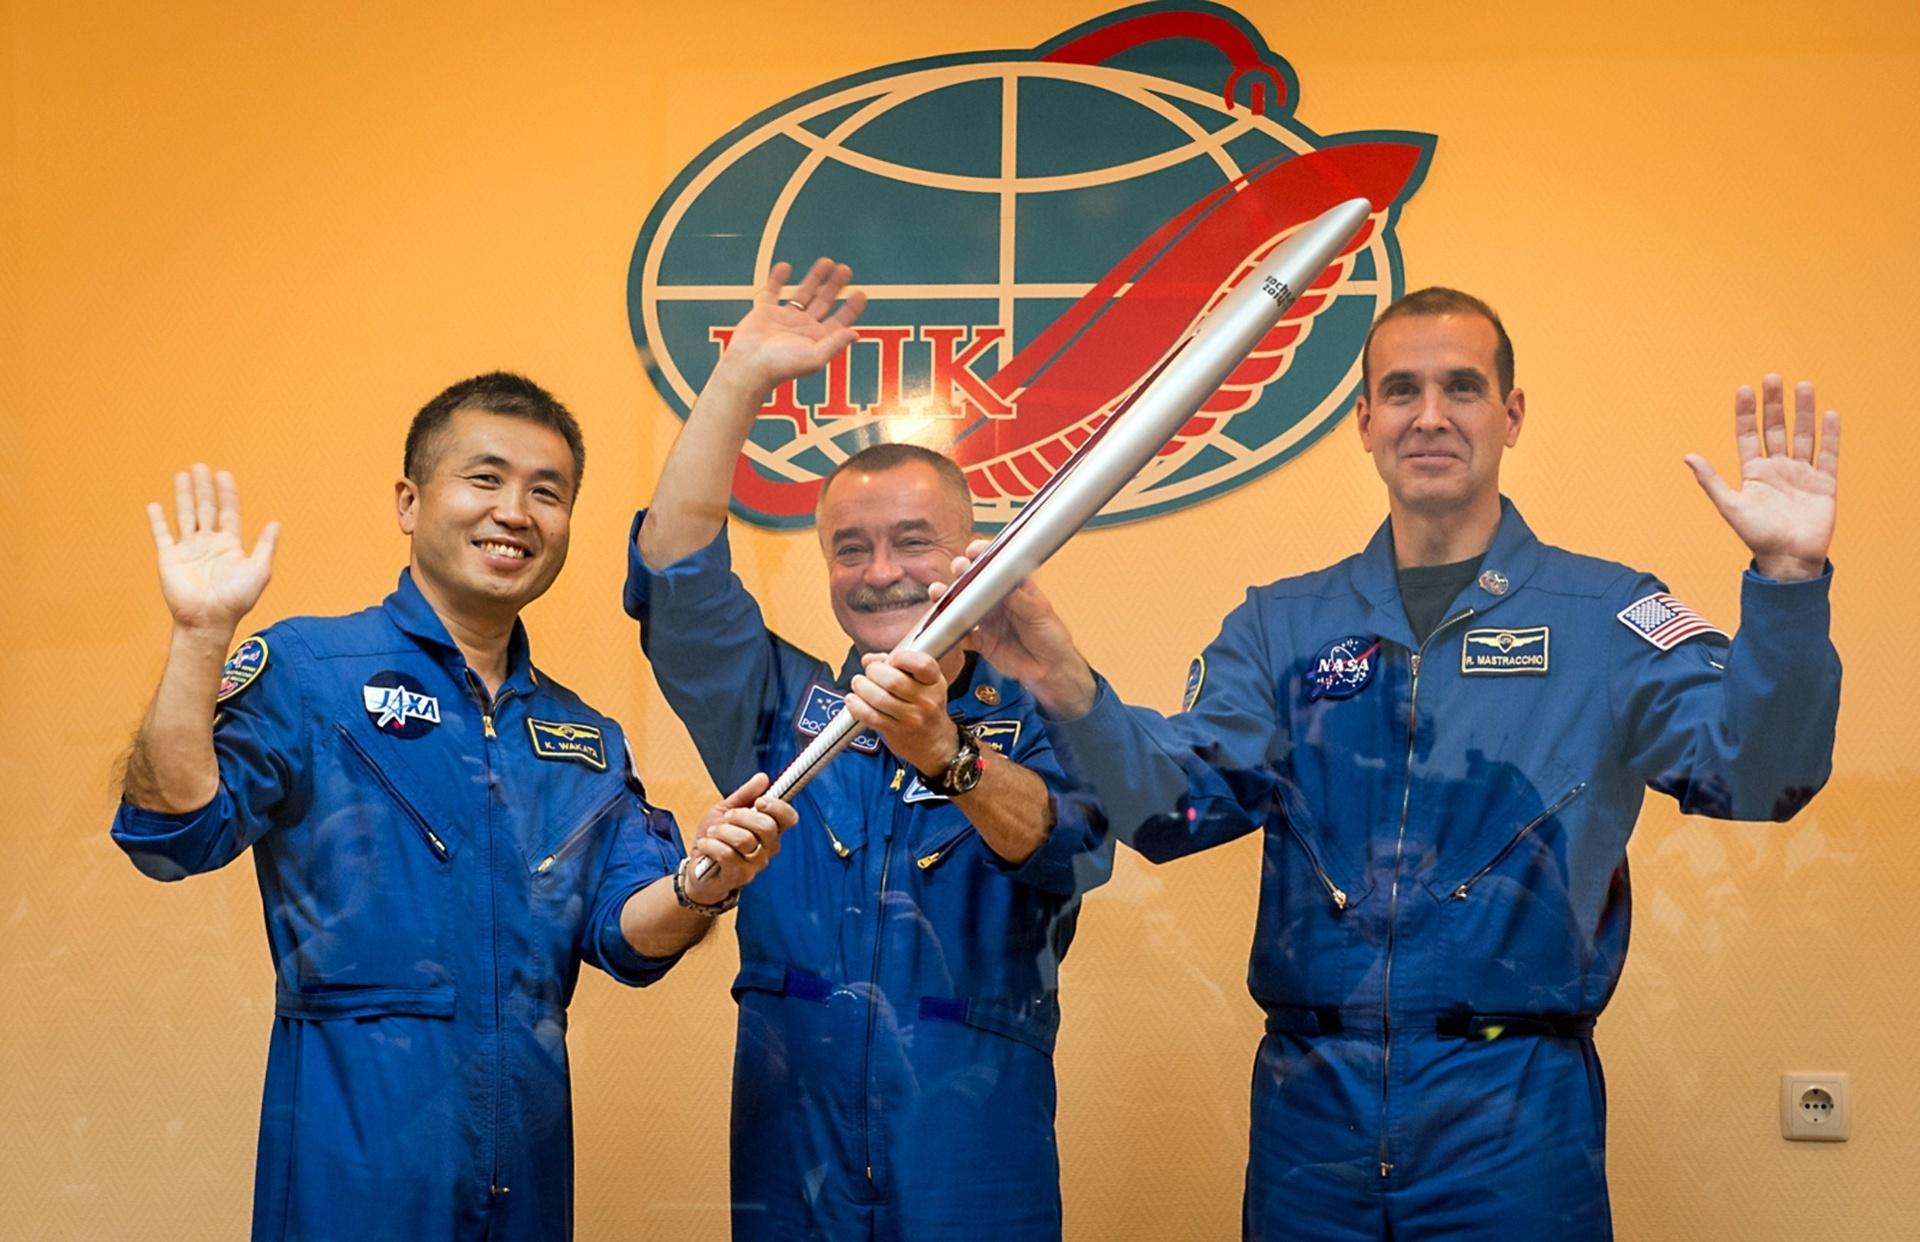 Astronautas posam com a tocha olímpica antes de embarcar no foguete rumo ao espaço